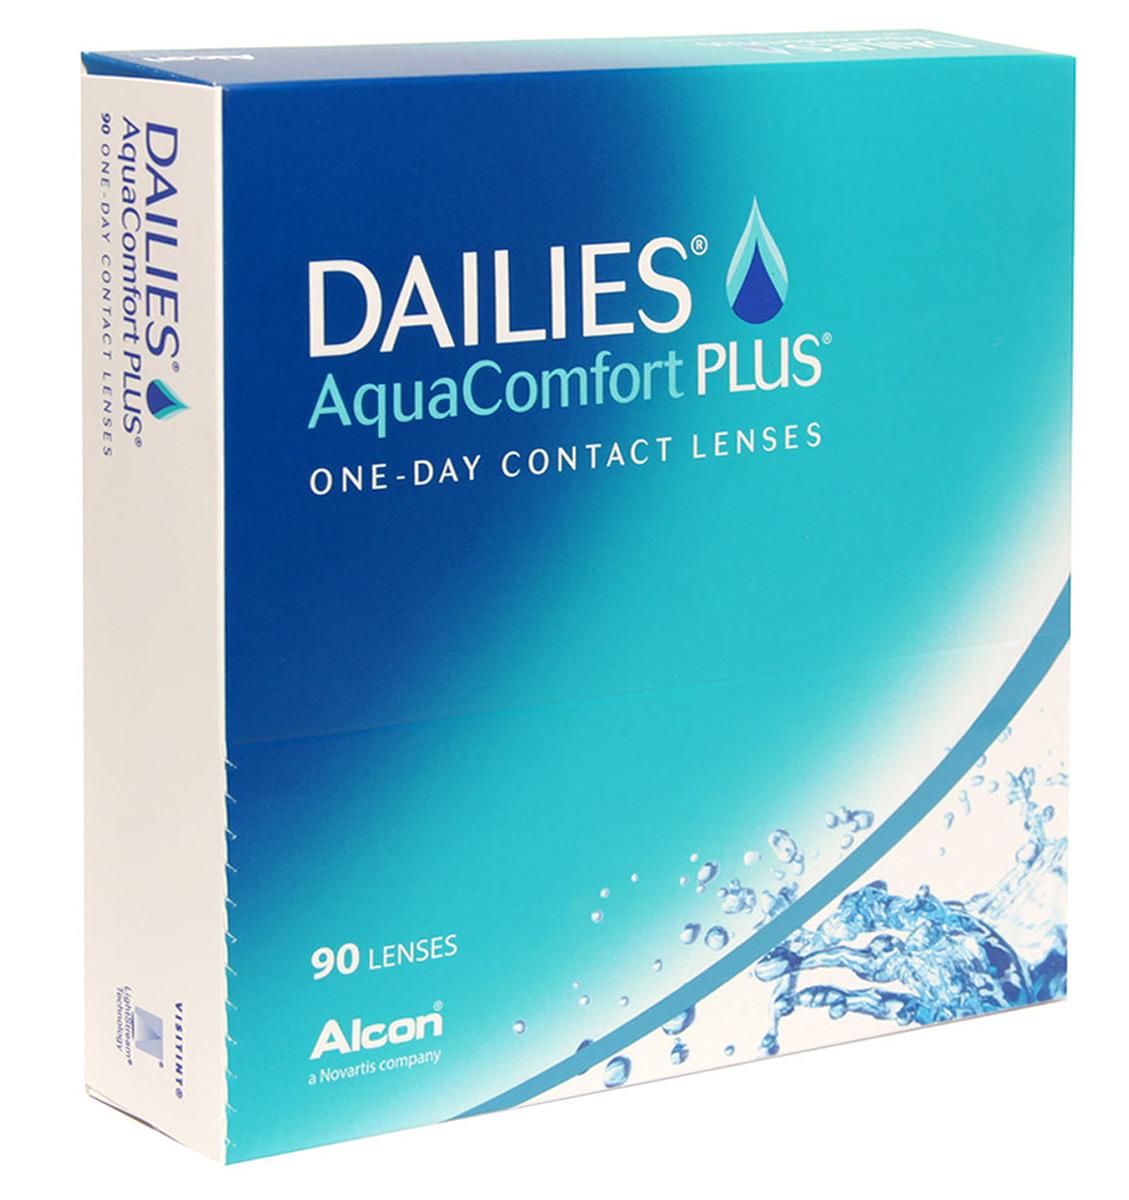 Alcon-CIBA Vision контактные линзы Dailies AquaComfort Plus (90шт / 8.7 / 14.0 / -5.50)38386Dailies AquaComfort Plus - это одни из самых популярных однодневных линз производства компании Ciba Vision. Эти линзы пользуются огромной популярностью во всем мире и являются на сегодняшний день самыми безопасными контактными линзами. Изготавливаются линзы из современного, 100% безопасного материала нелфилкон А. Особенность этого материала в том, что он легко пропускает воздух и хорошо сохраняет влагу. Однодневные контактные линзы Dailies AquaComfort Plus не нуждаются в дополнительном уходе и затратах, каждый день вы надеваете свежую пару линз. Дизайн линзы биосовместимый, что гарантирует безупречный комфорт. Самое главное достоинство Dailies AquaComfort Plus - это их уникальная система увлажнения. Благодаря этой разработке линзы увлажняются тремя различными агентами. Первый компонент, ухаживающий за линзами, находится в растворе, он как бы обволакивает линзу, обеспечивая чрезвычайно комфортное надевание. Второй агент выделяется на протяжении всего дня, он...